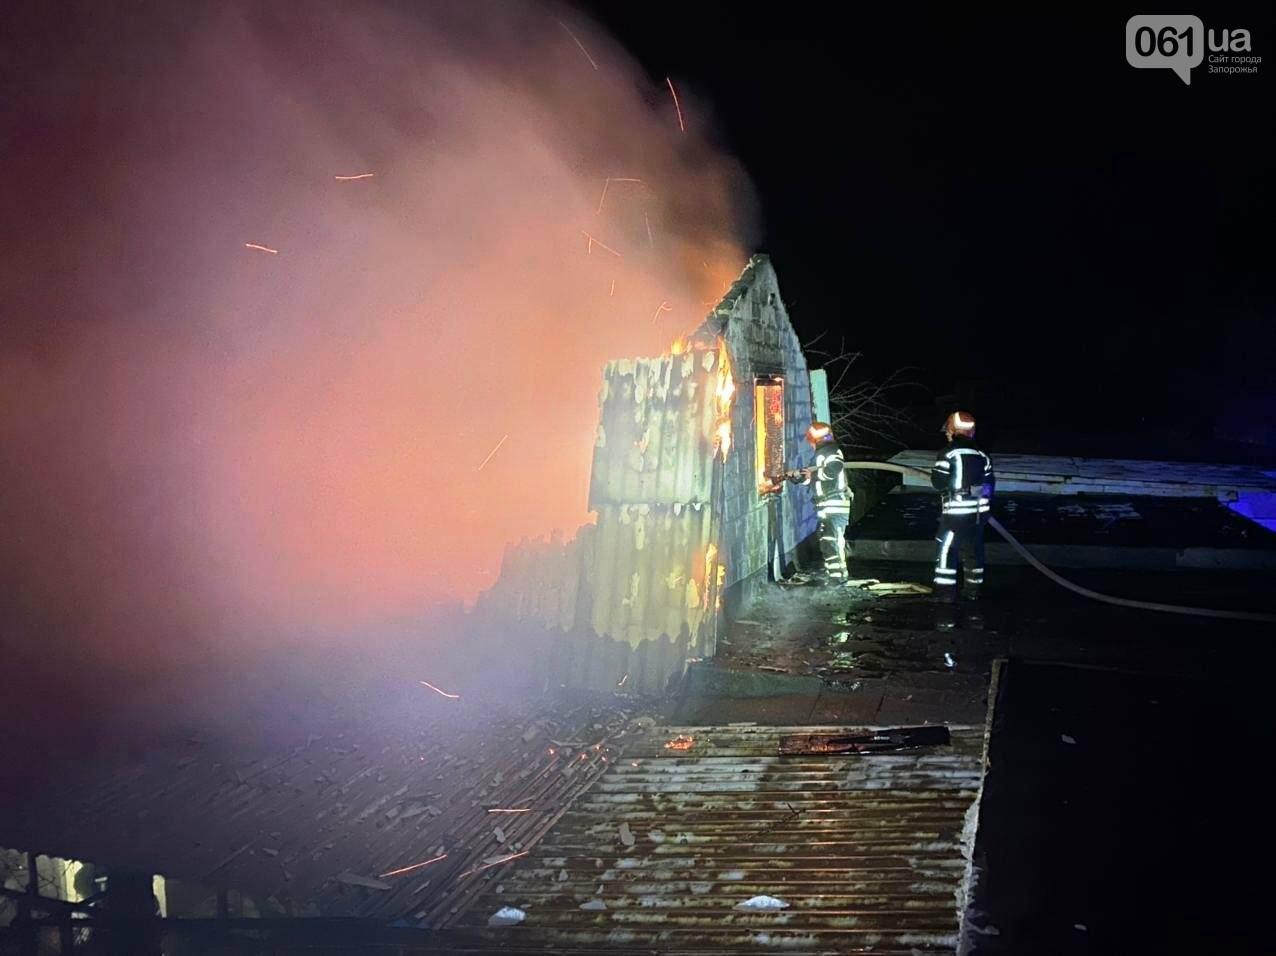 В Запорожской области загорелся жилой дом из-за проблем с печным отоплением: пожар тушили 15 спасателей , фото-5